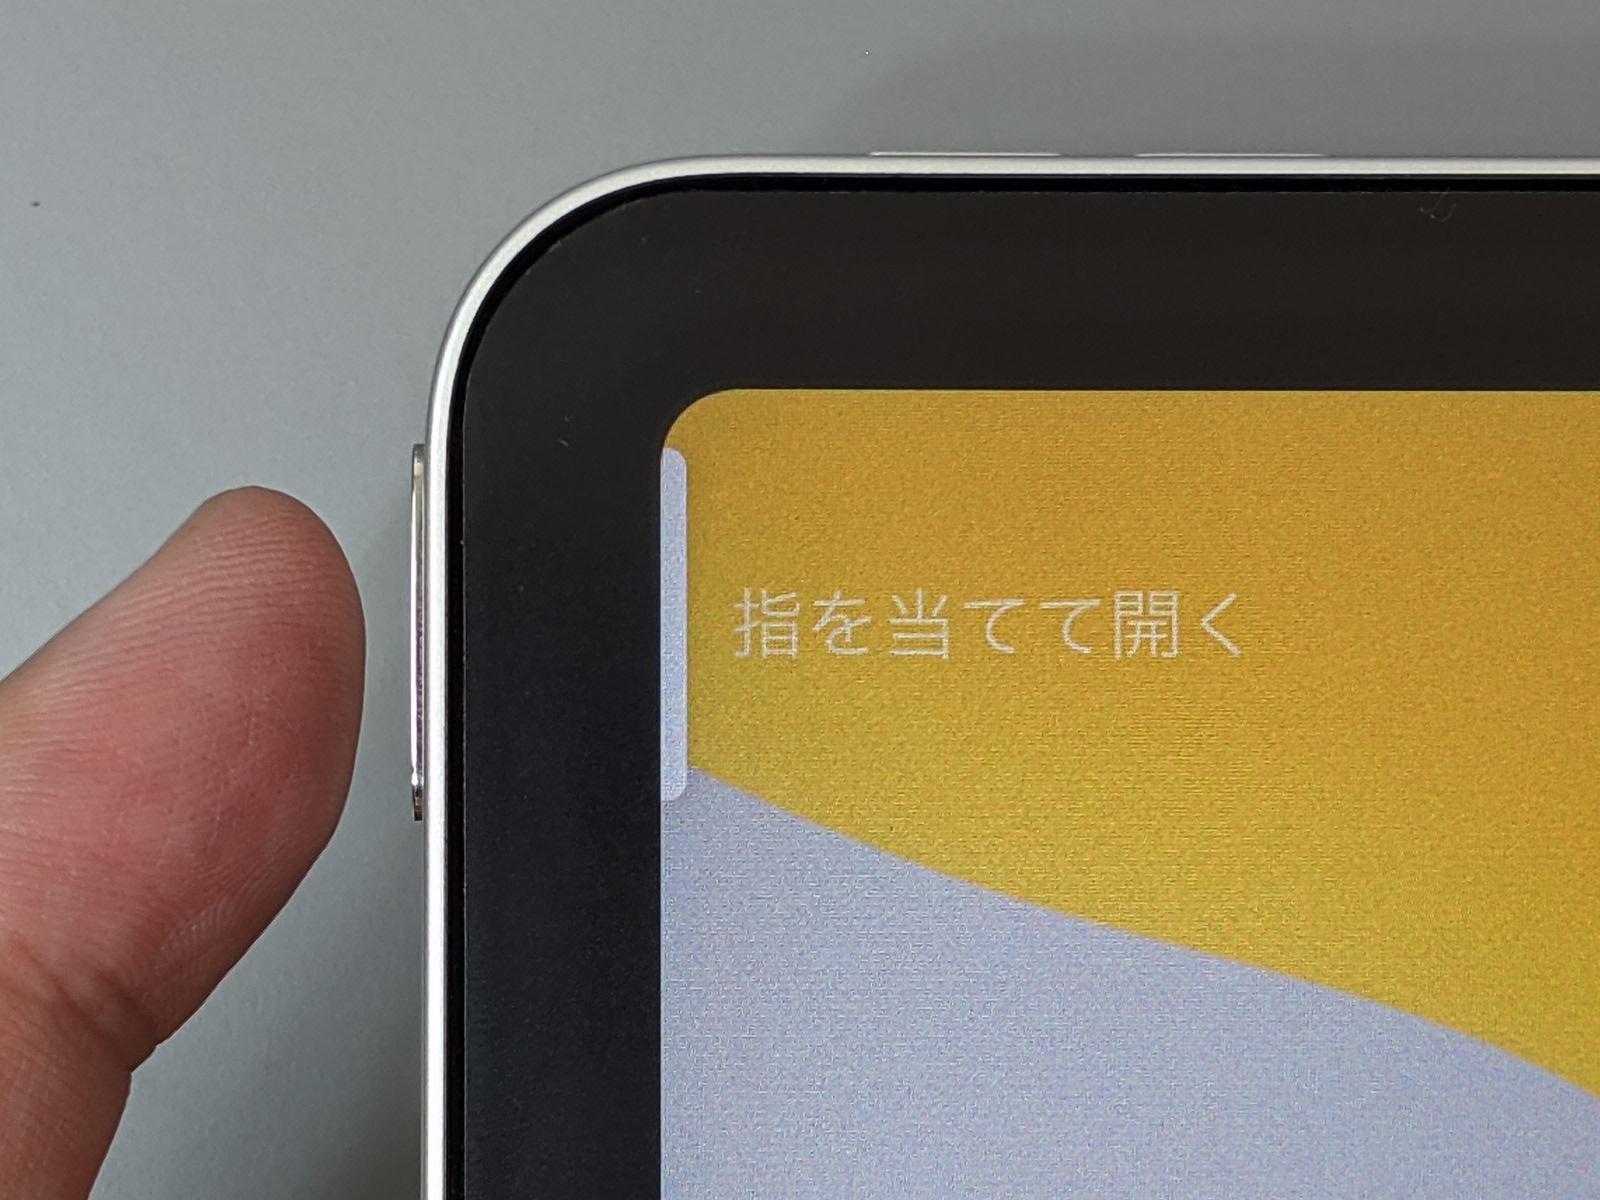 電源ボタンと一体化したTouch ID(指紋認証)によってすばやくロック解除が行えるのはiPad Airの利点の一つだ